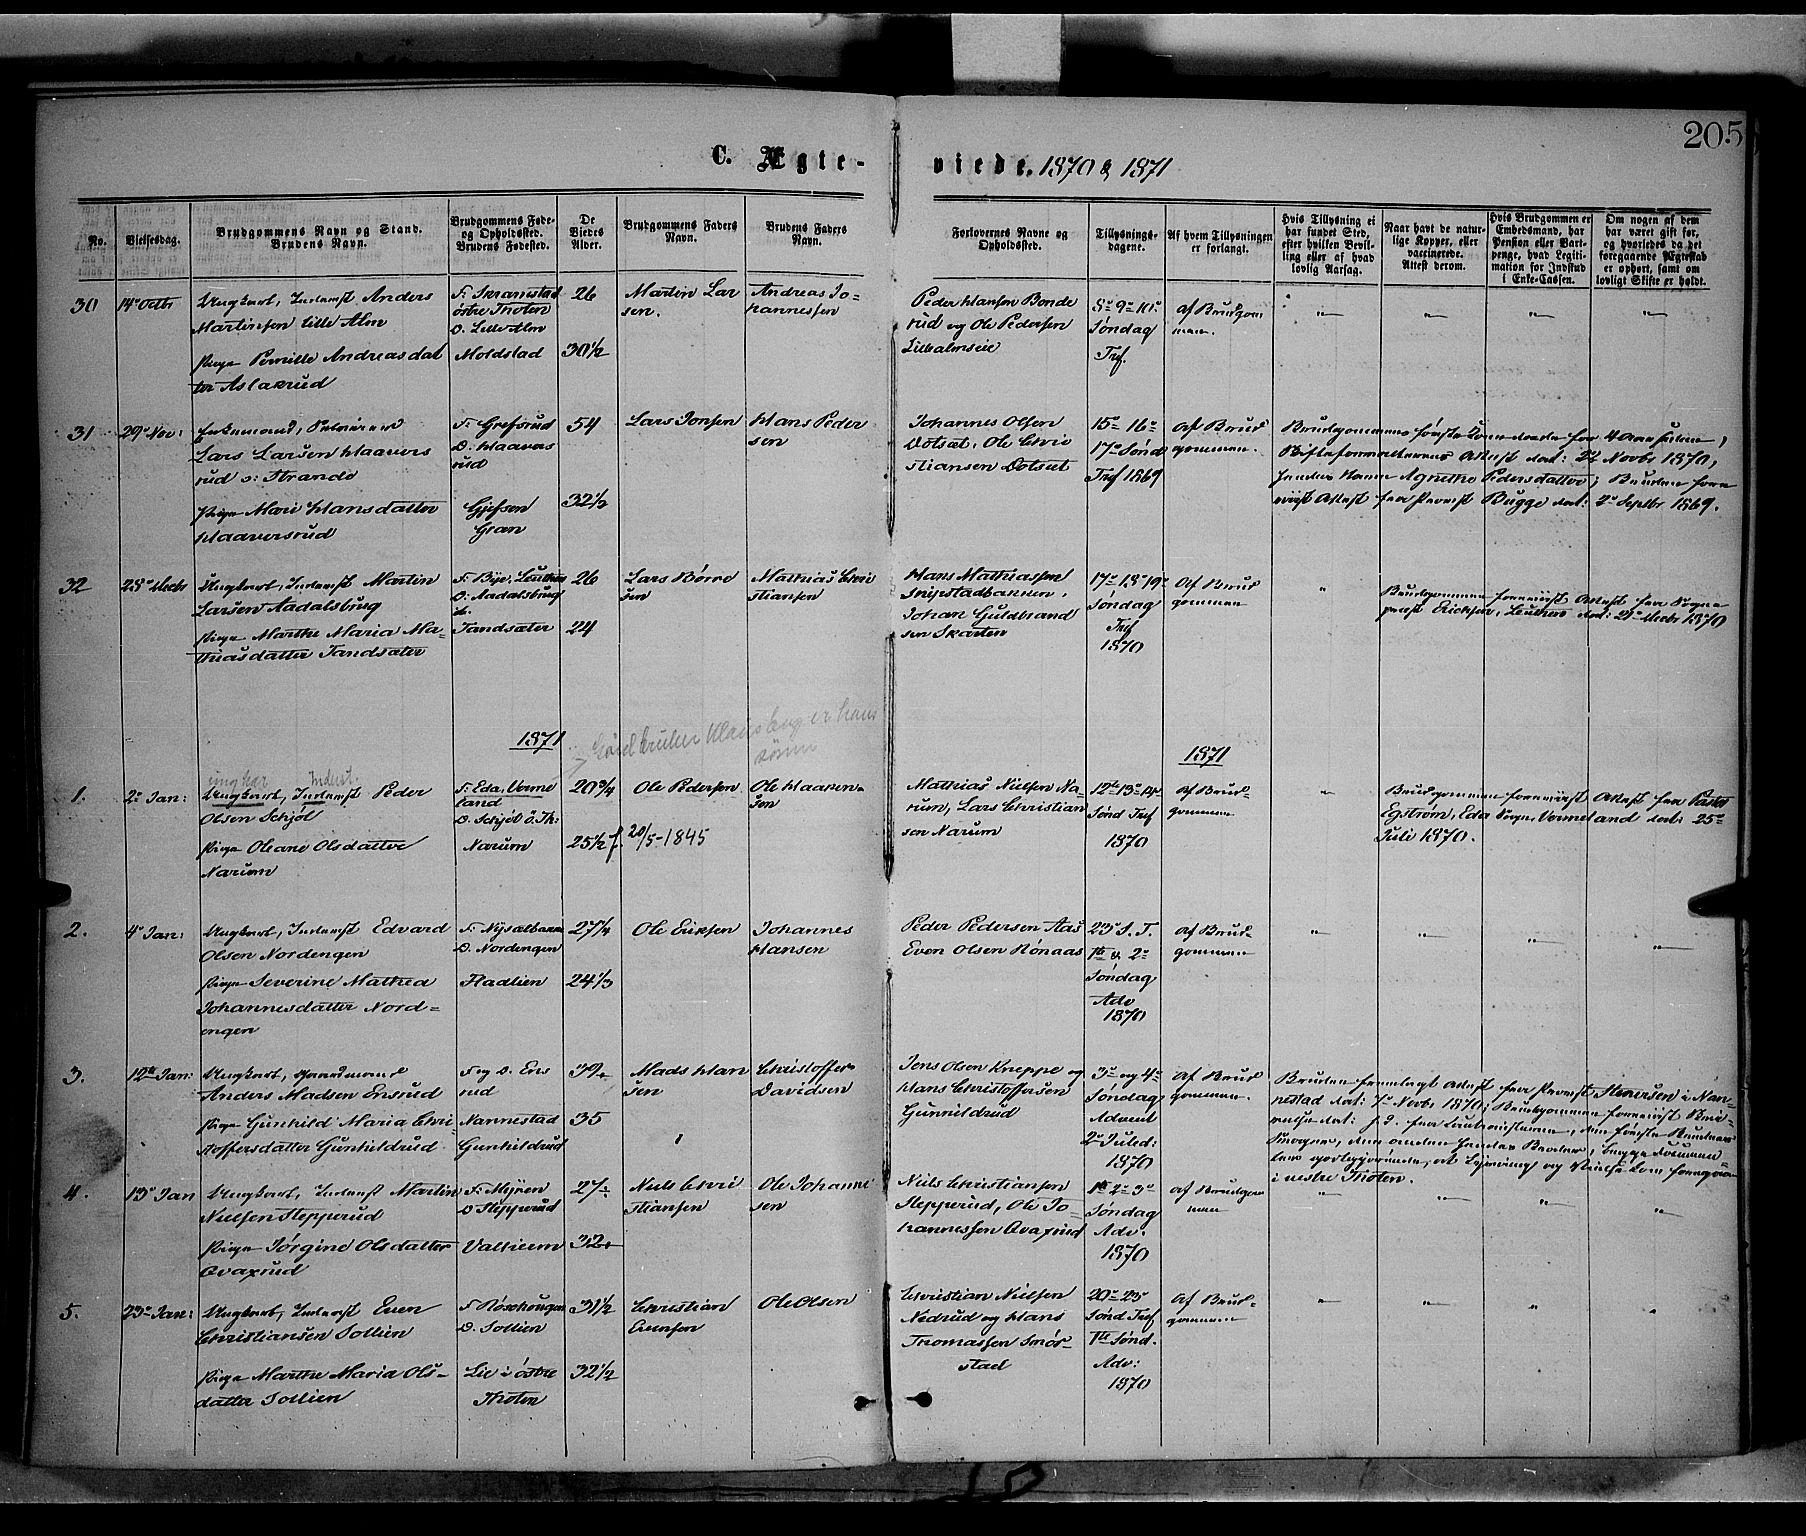 SAH, Vestre Toten prestekontor, Ministerialbok nr. 8, 1870-1877, s. 205